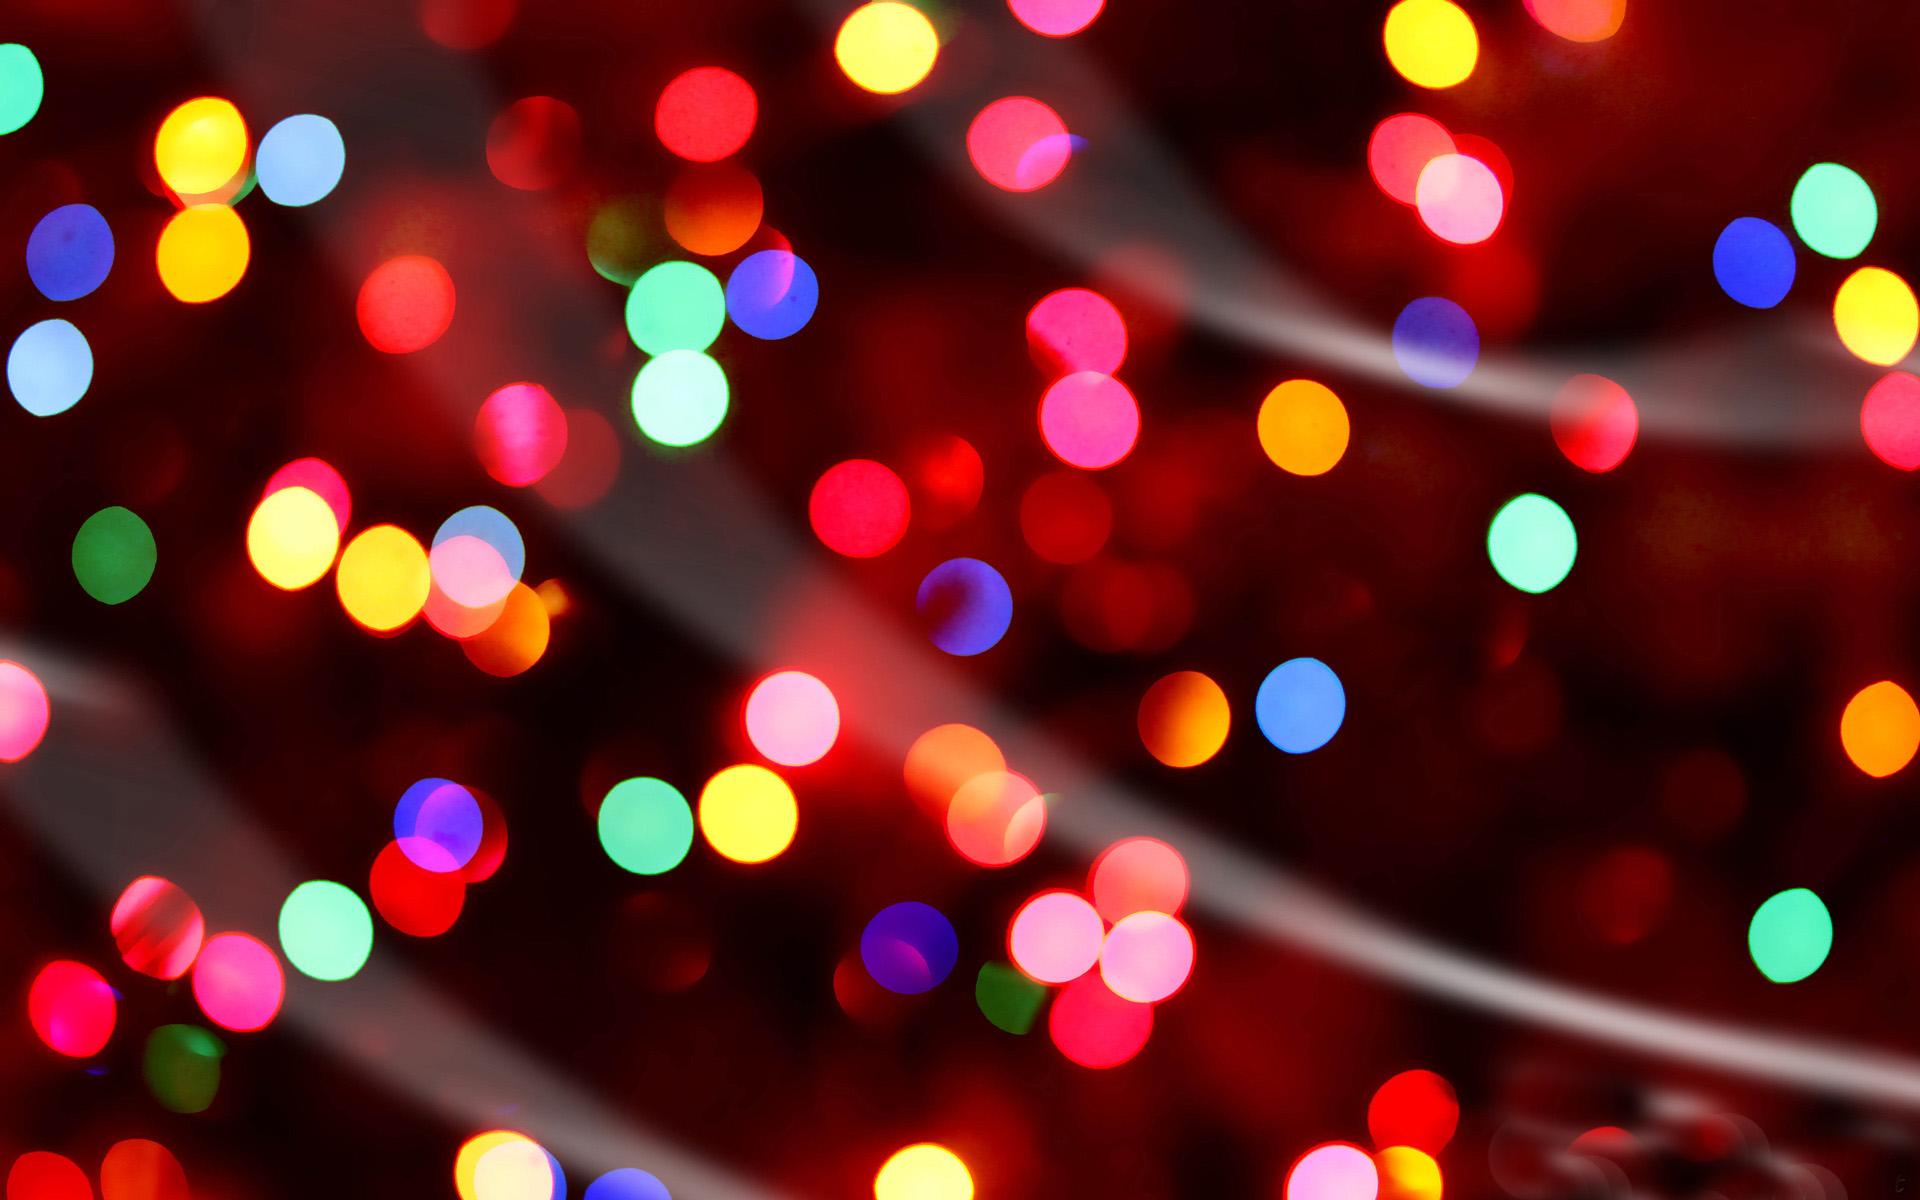 Christmas Lights Wallpaper Tumblr Cute Christmas Lights